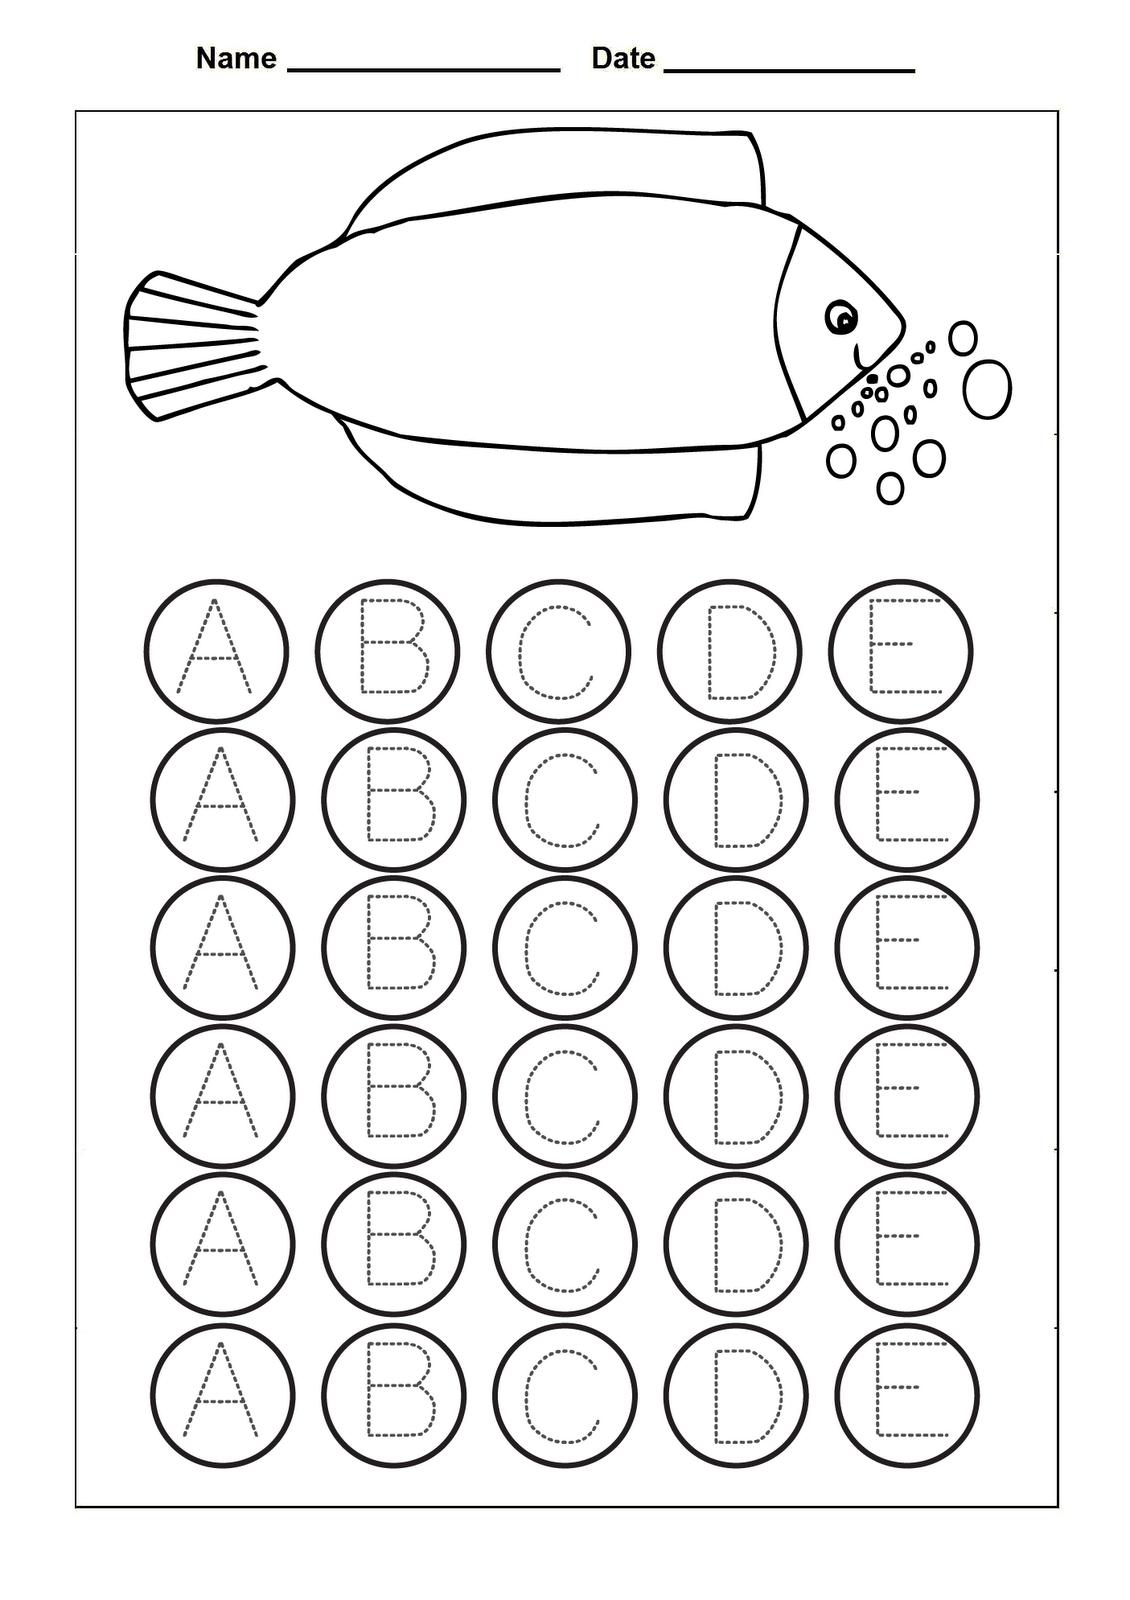 traceable letter a alphabet